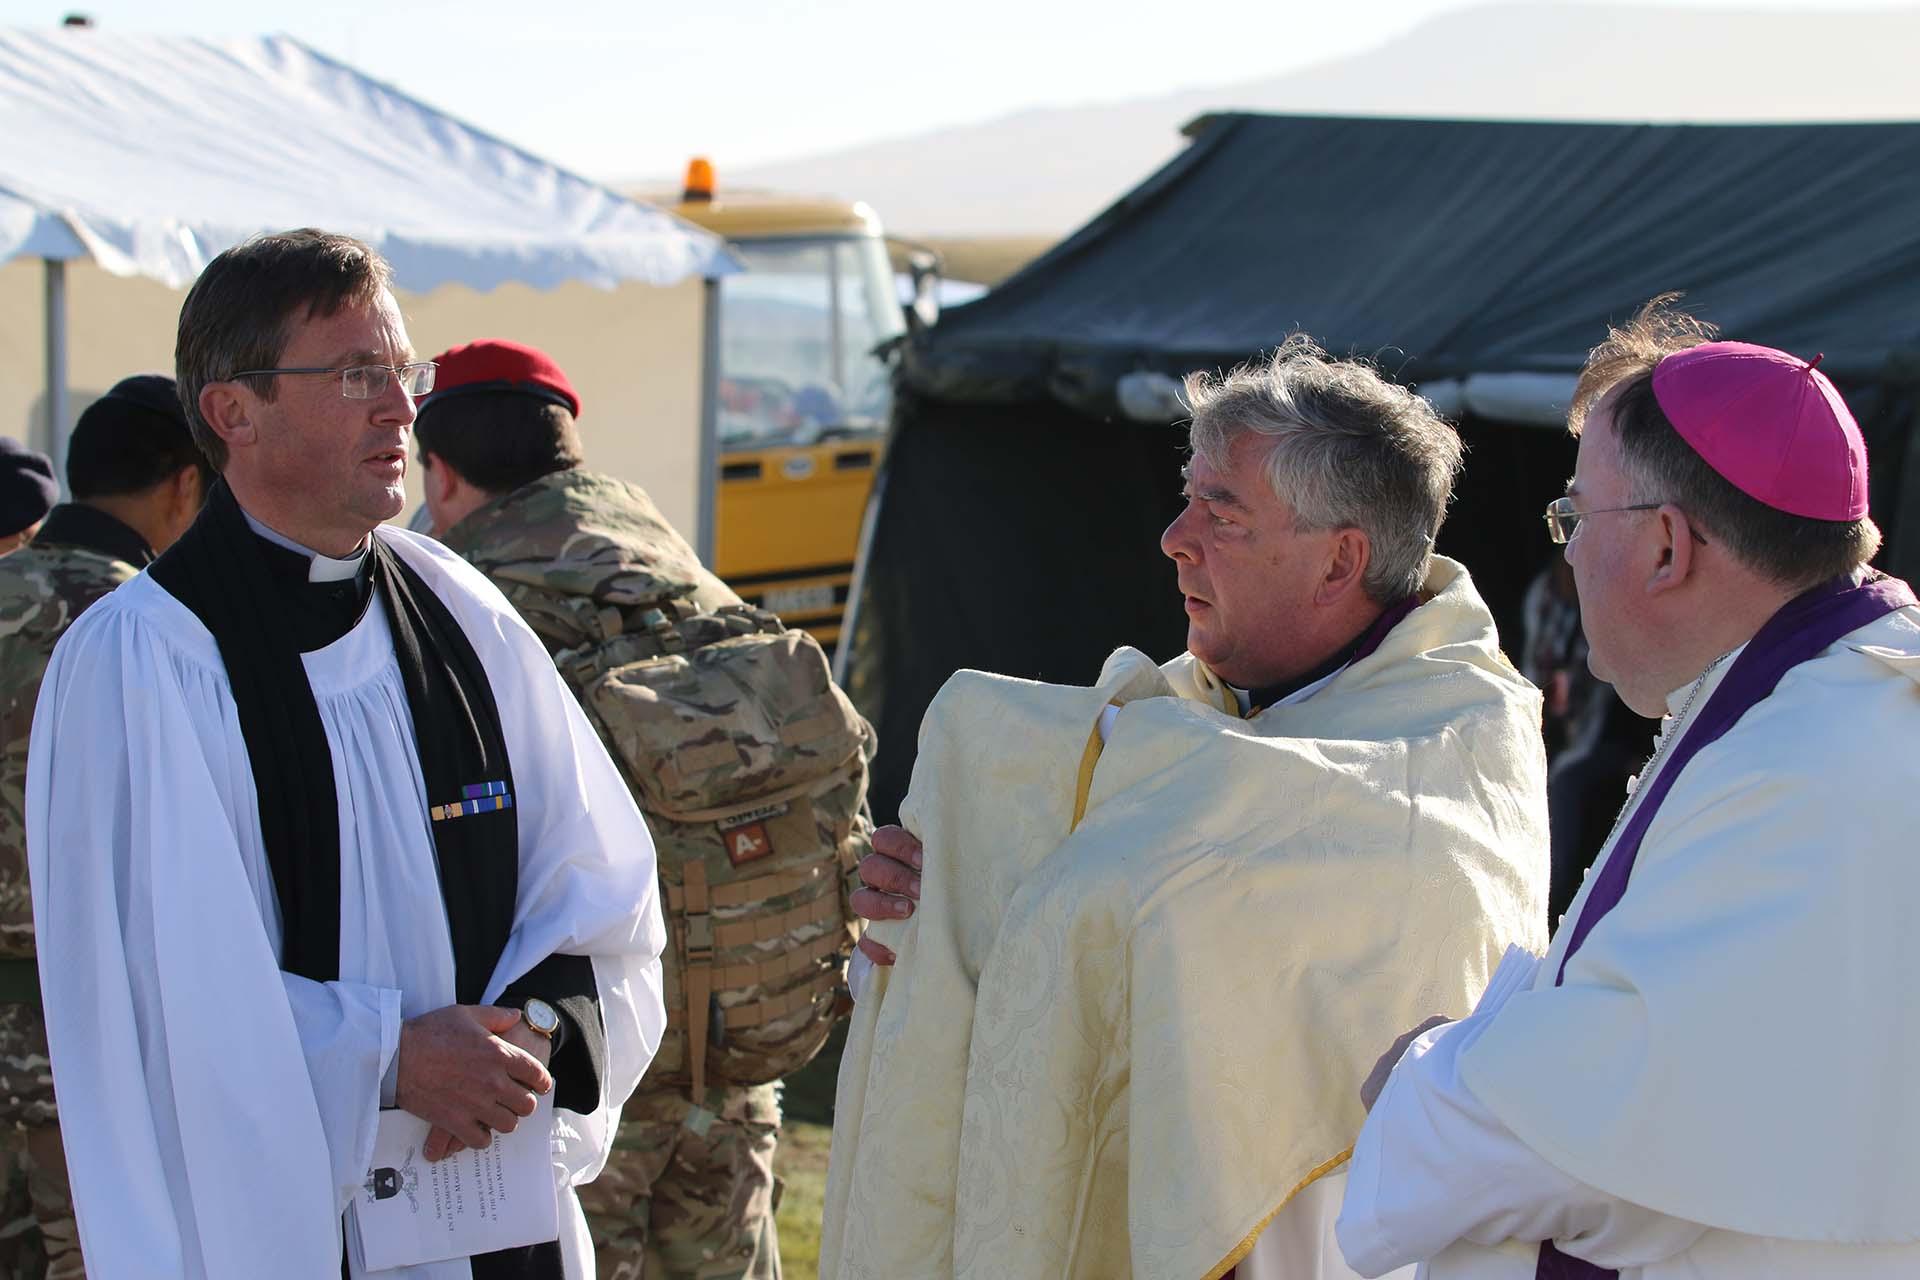 El sacerdote John Wisdom, el abad Hugh, que viajó especialmente desde el Reino Unido y el reverendo protestante Mercer, compartieron el oficio religioso con Monseñor Eguía Seguí